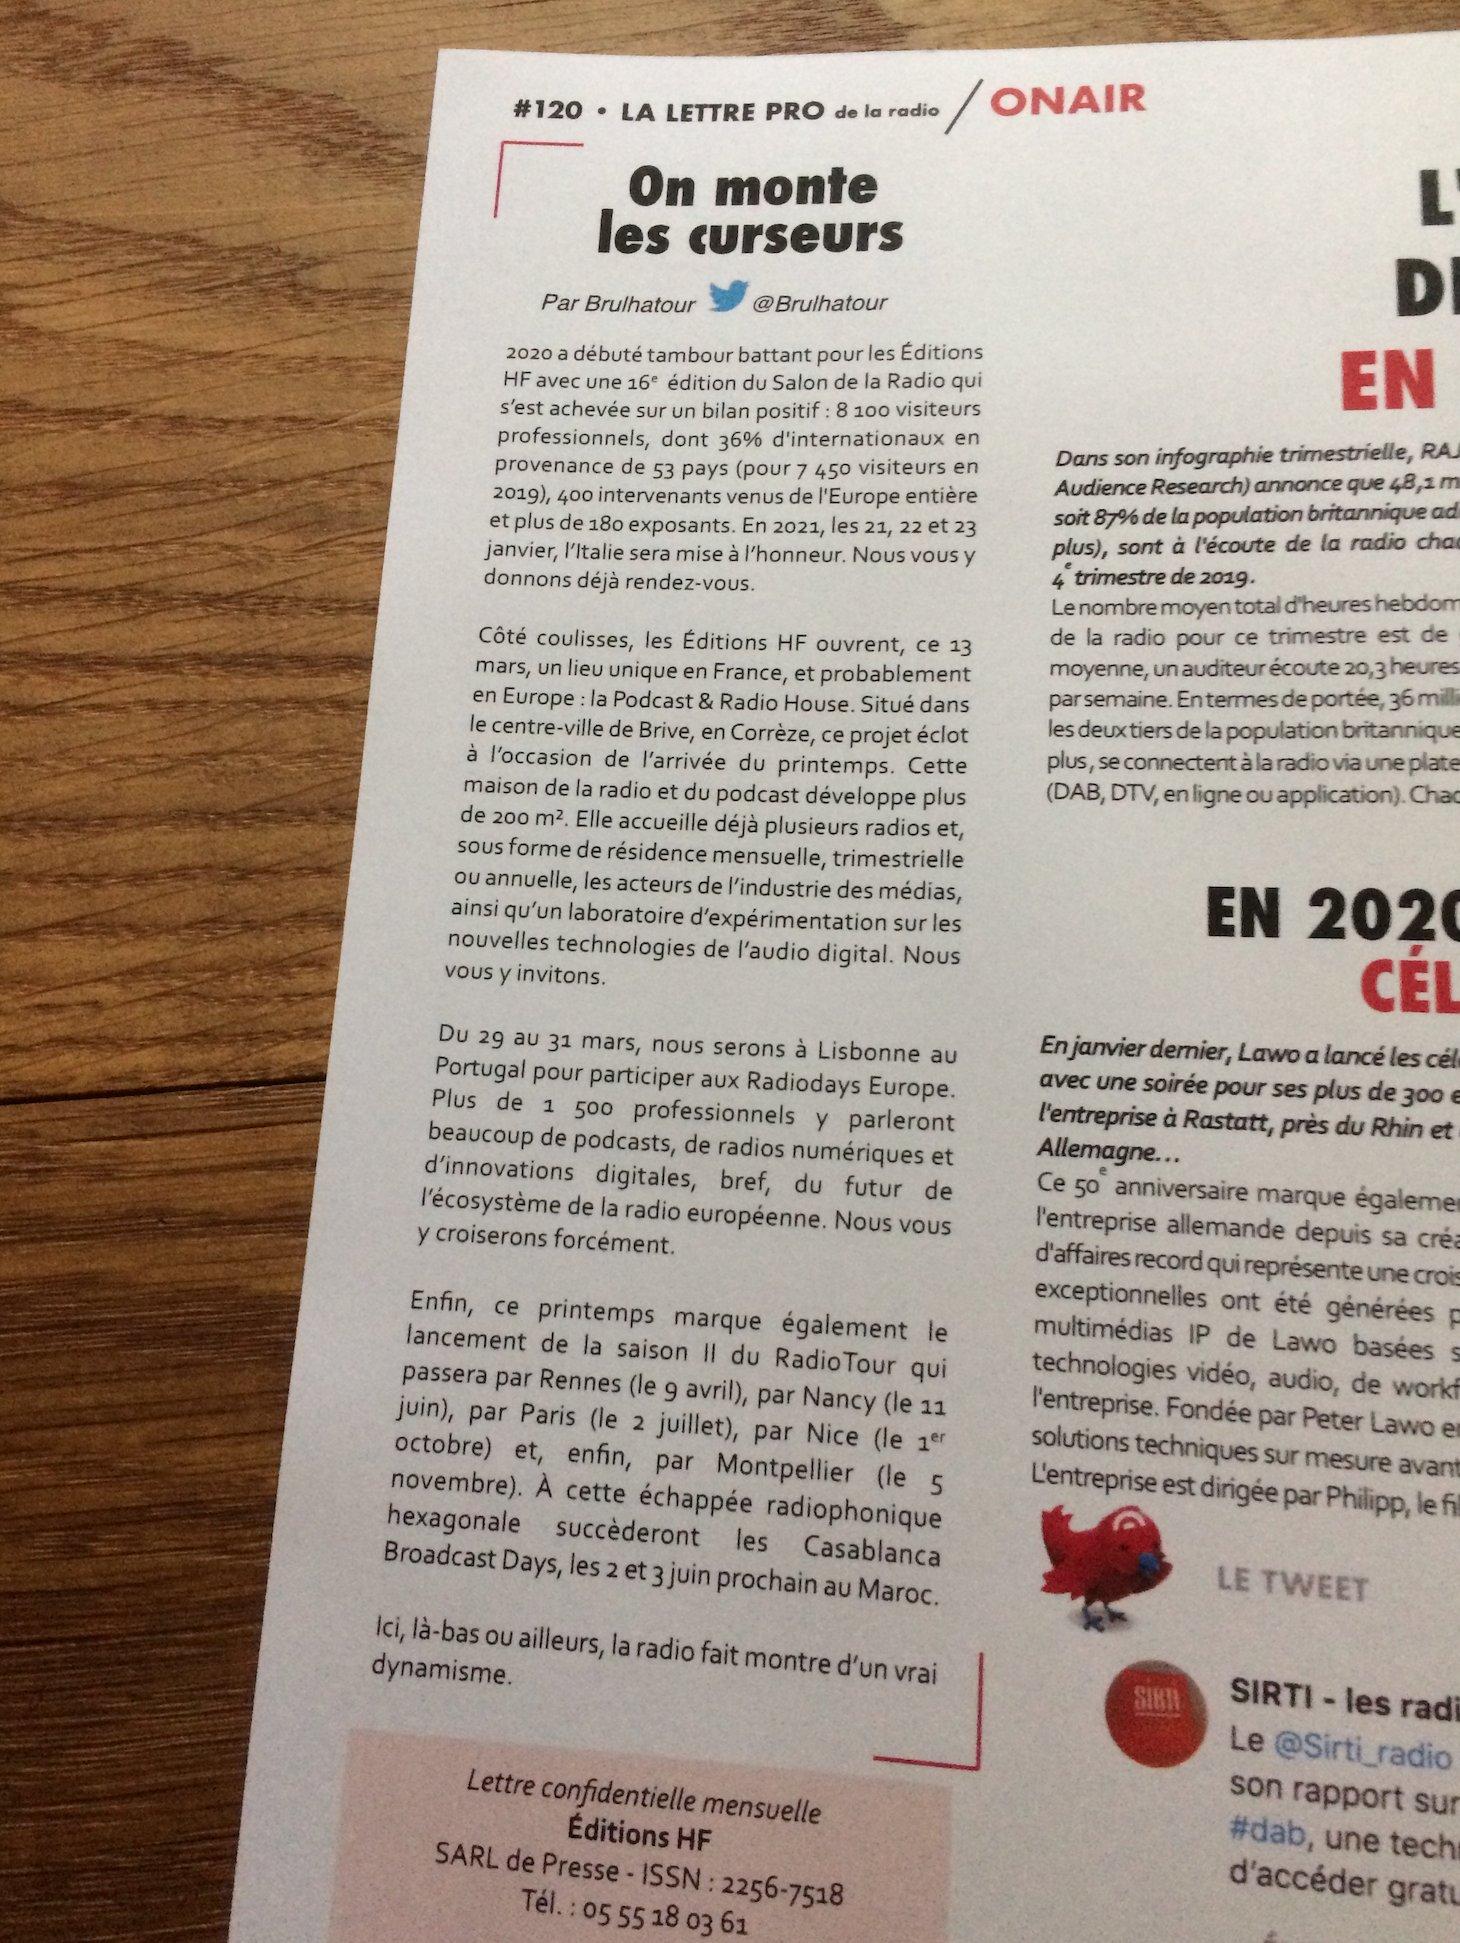 """""""On monte les curseurs"""" : mon édito dans le dernier numéro de @LaLettrePro de la Radio."""